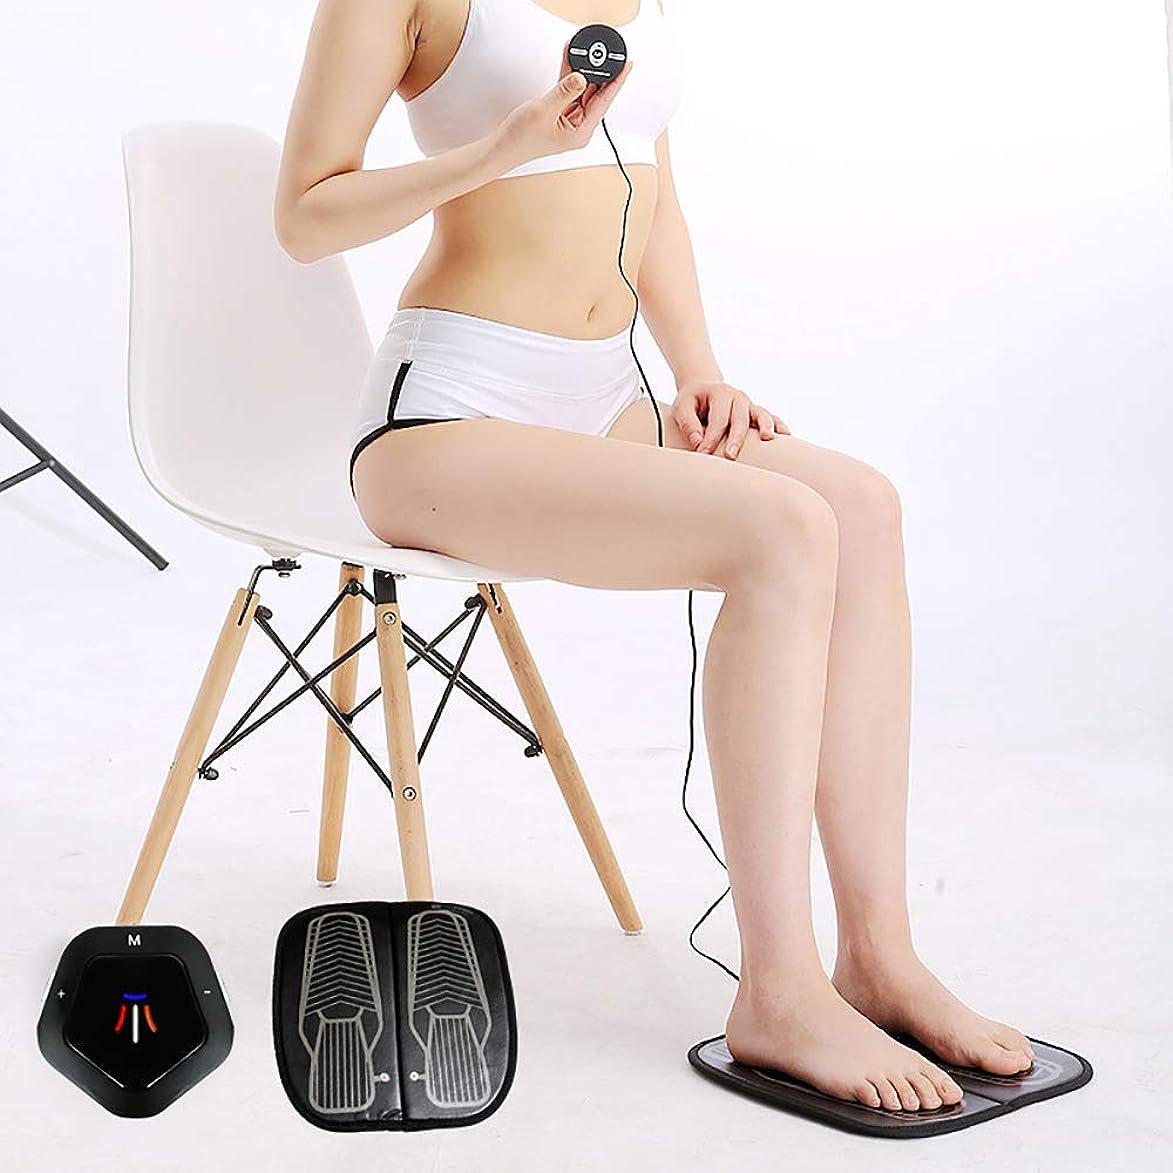 ラバ効能ある確認してくださいEMS理学療法の足のマッサージのクッション、USBの再充電可能な振動の足のペディキュア機械はフィートの苦痛を取り除きます血循環を改善します